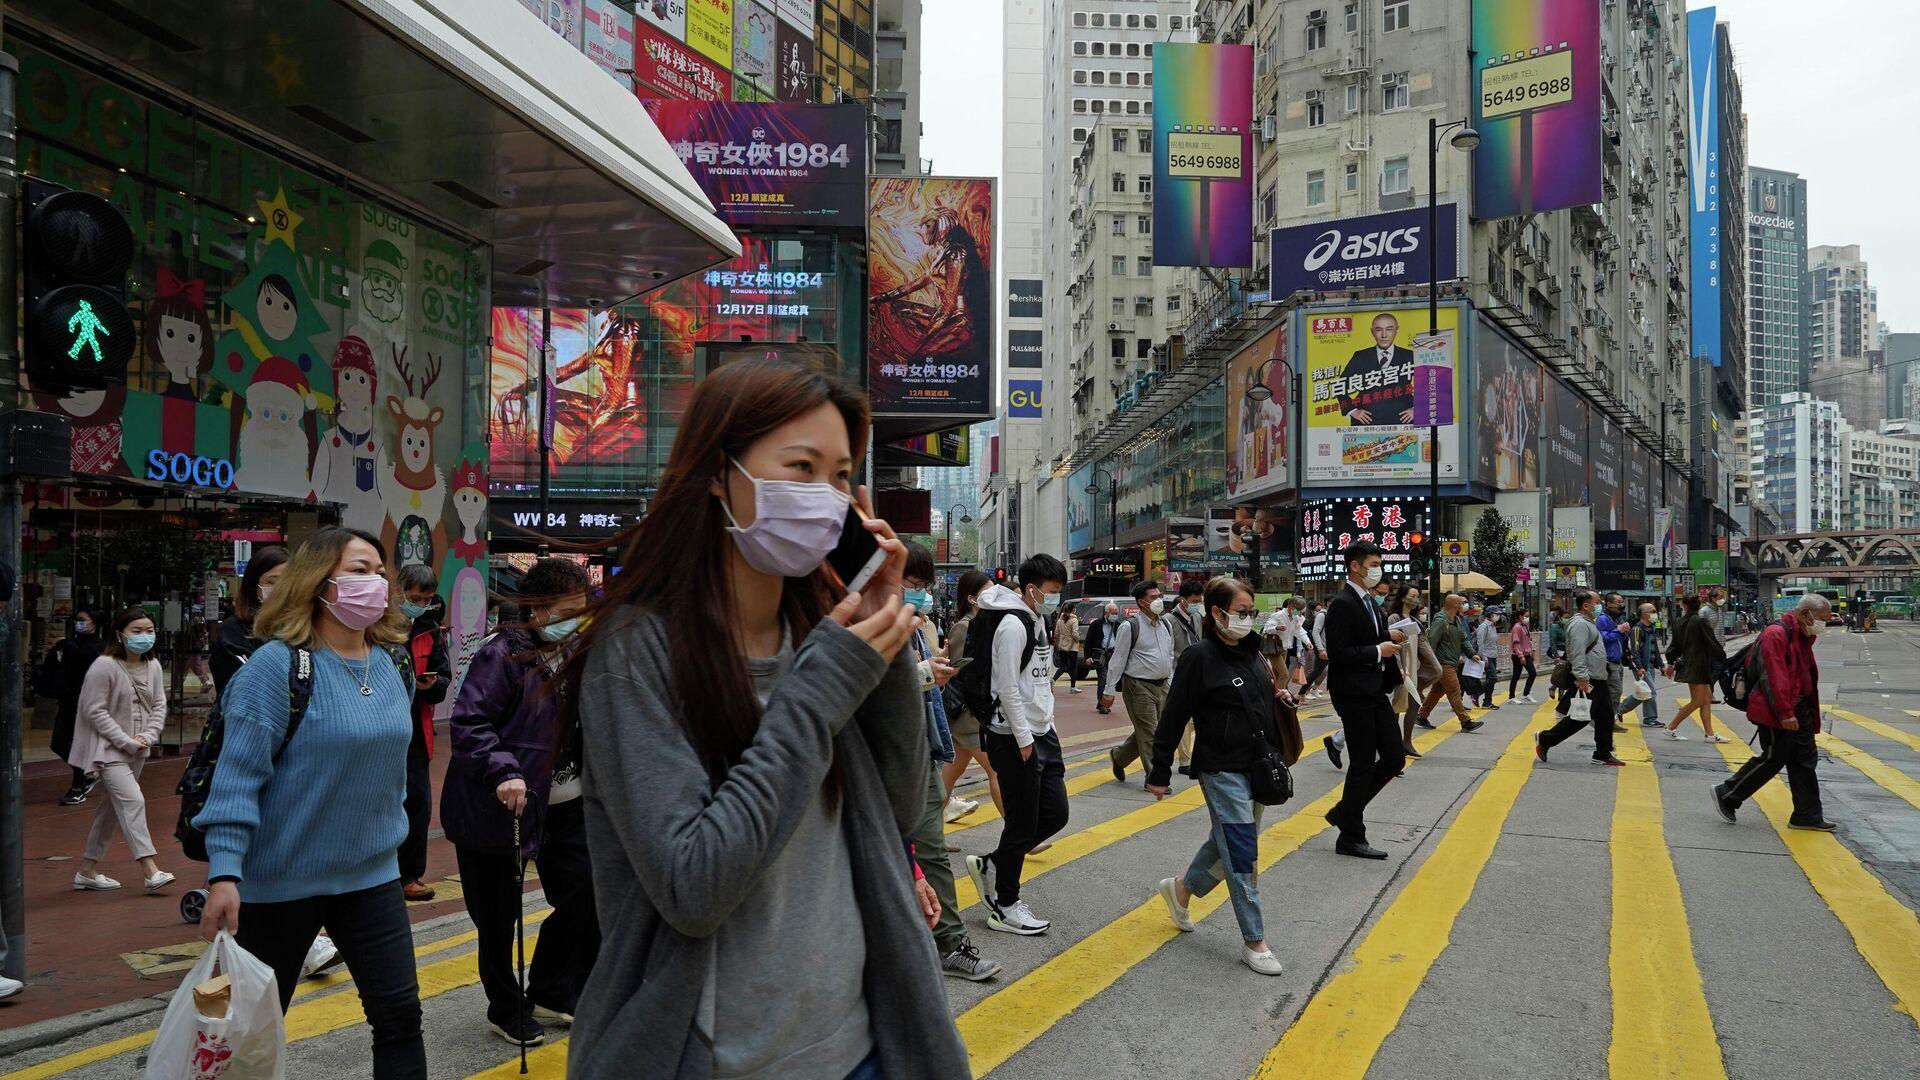 Люди в масках на улице в Гонконге - РИА Новости, 1920, 01.02.2021